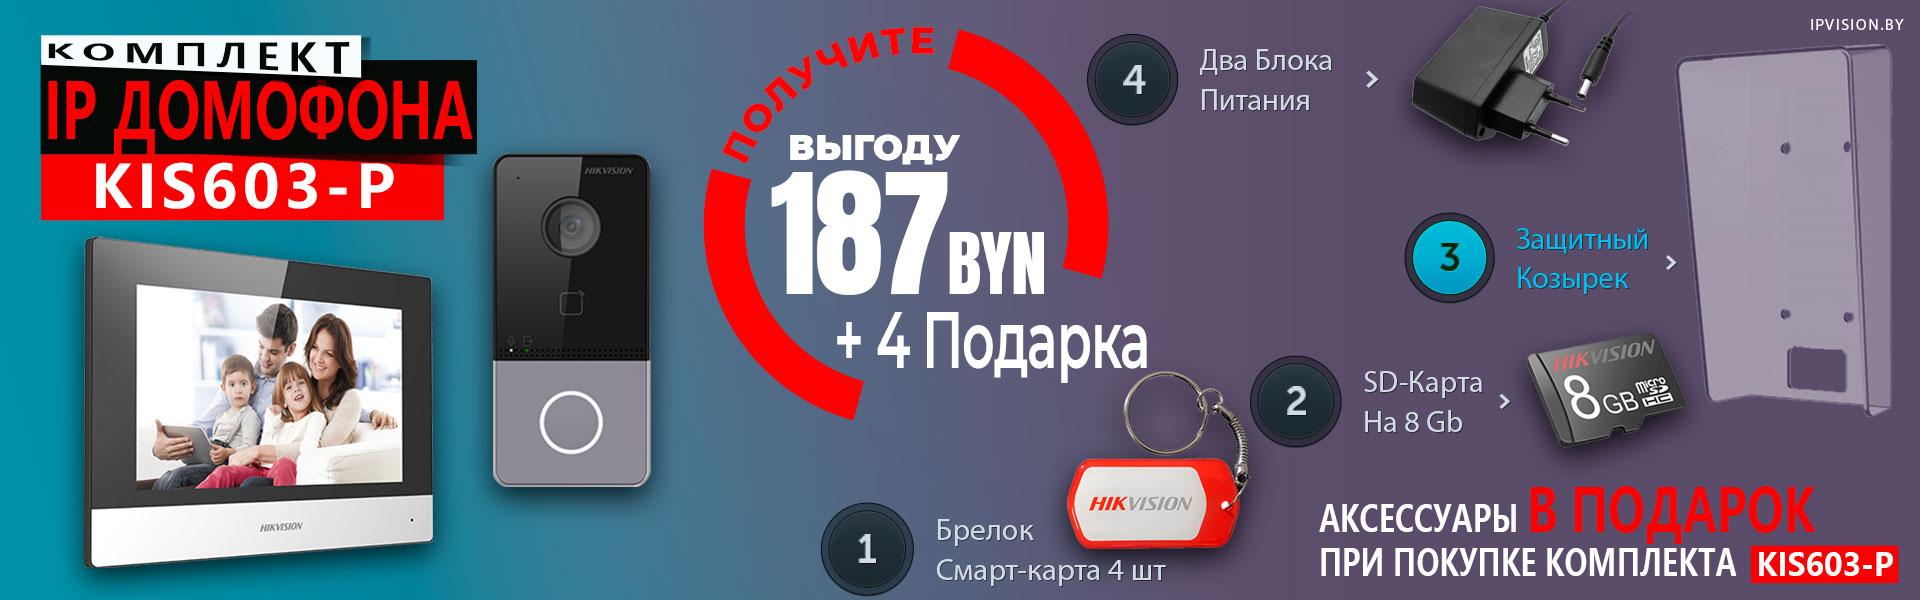 Комплект ip домофона KIS603-P